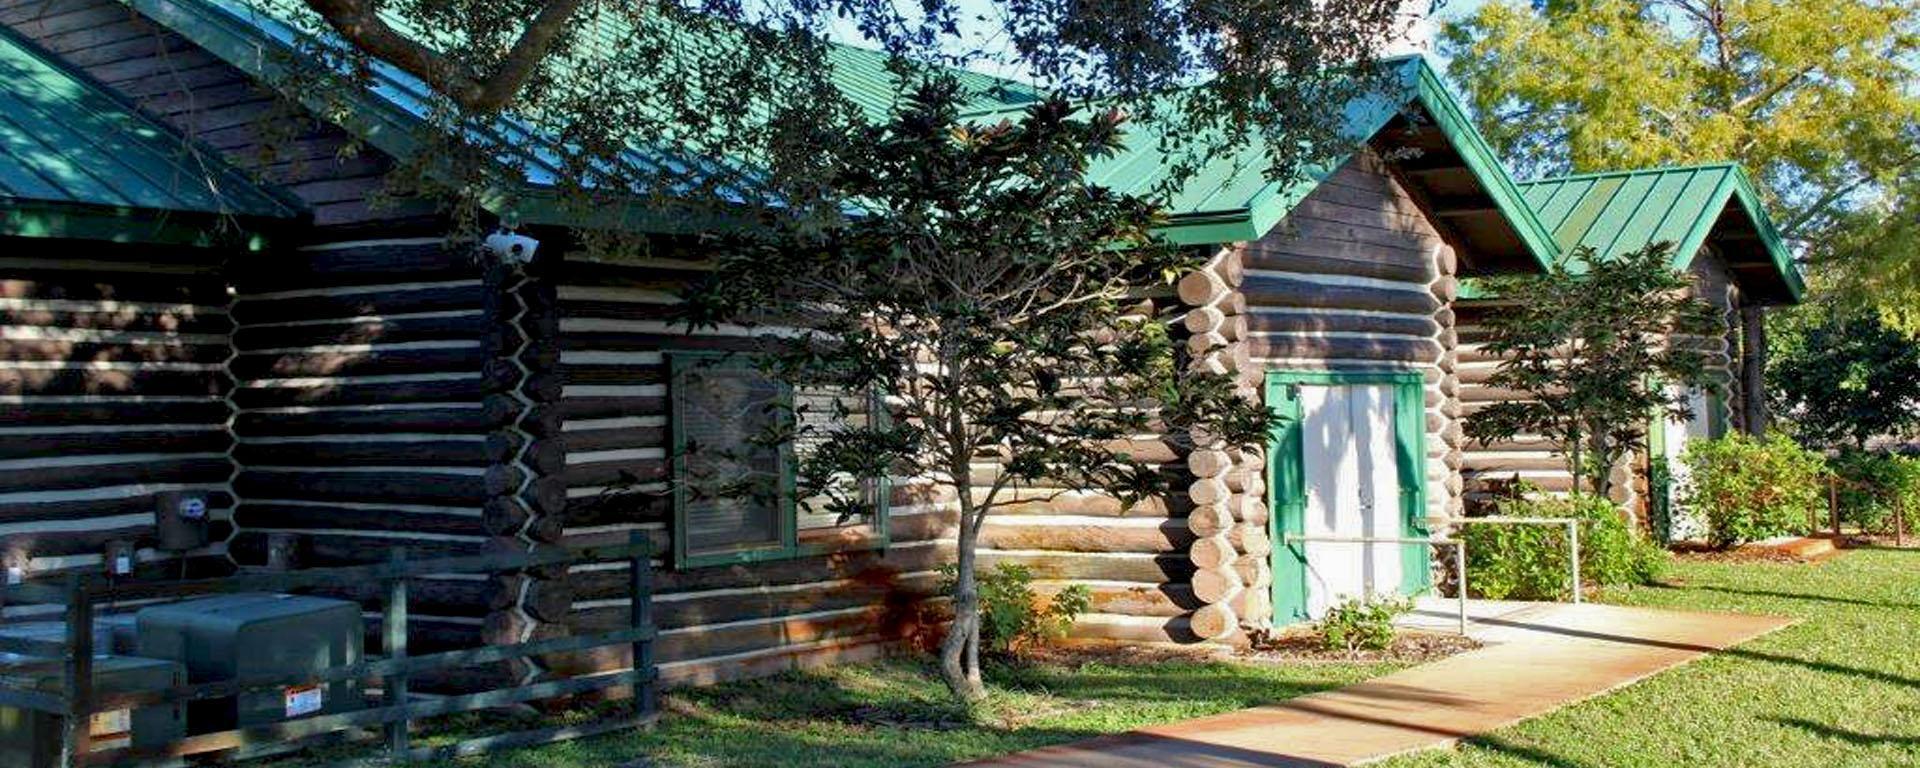 Log Cabin Senior Center